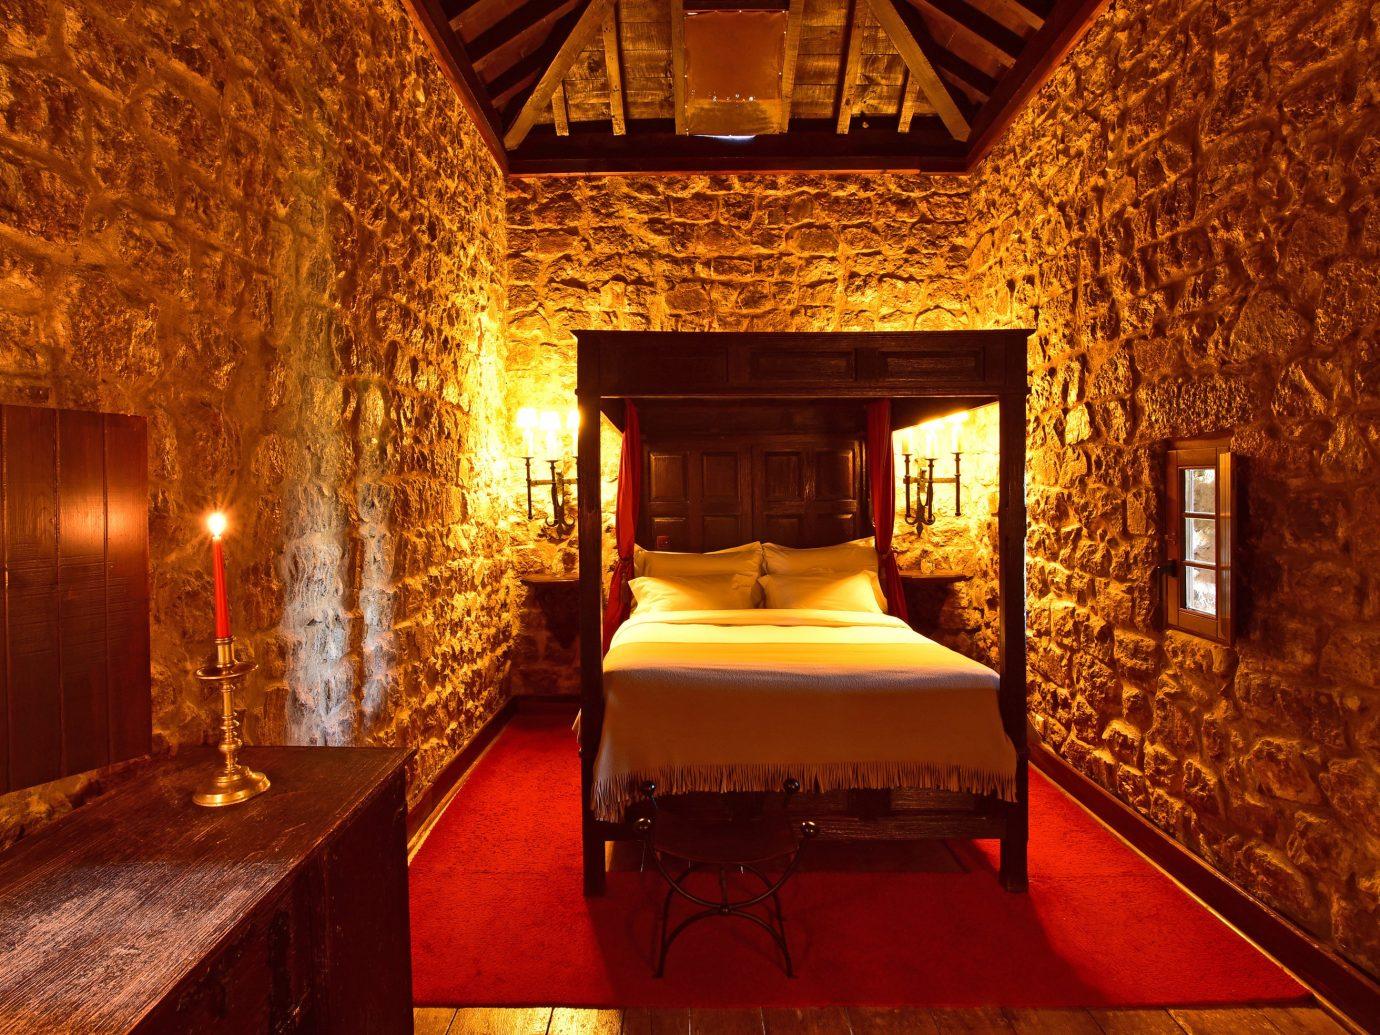 Hotels indoor room building estate interior design cottage mansion basement